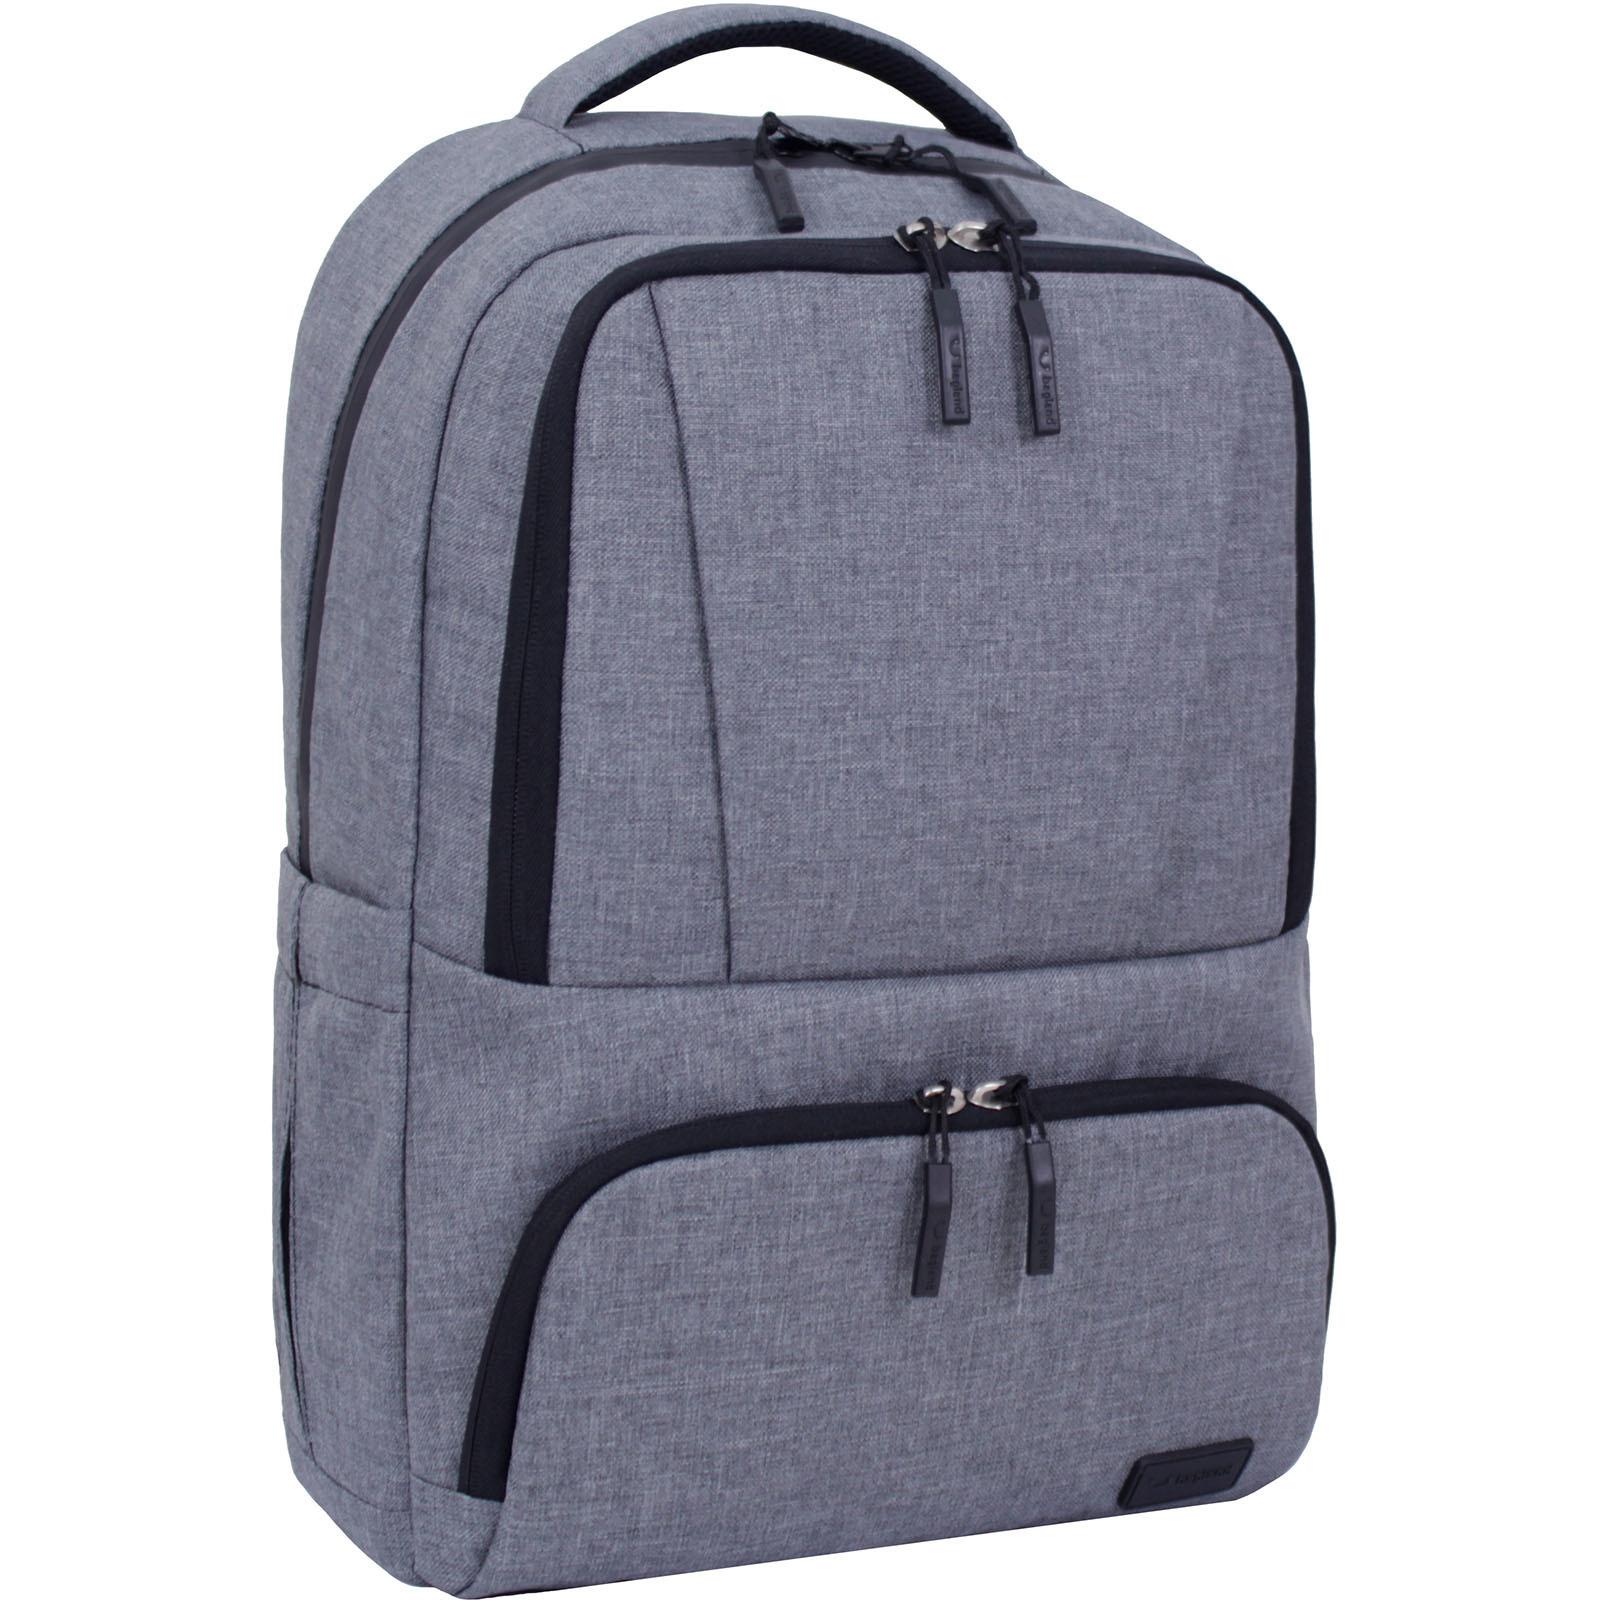 Городские рюкзаки Рюкзак для ноутбука Bagland STARK 321 серый (0014369) IMG_2118.JPG